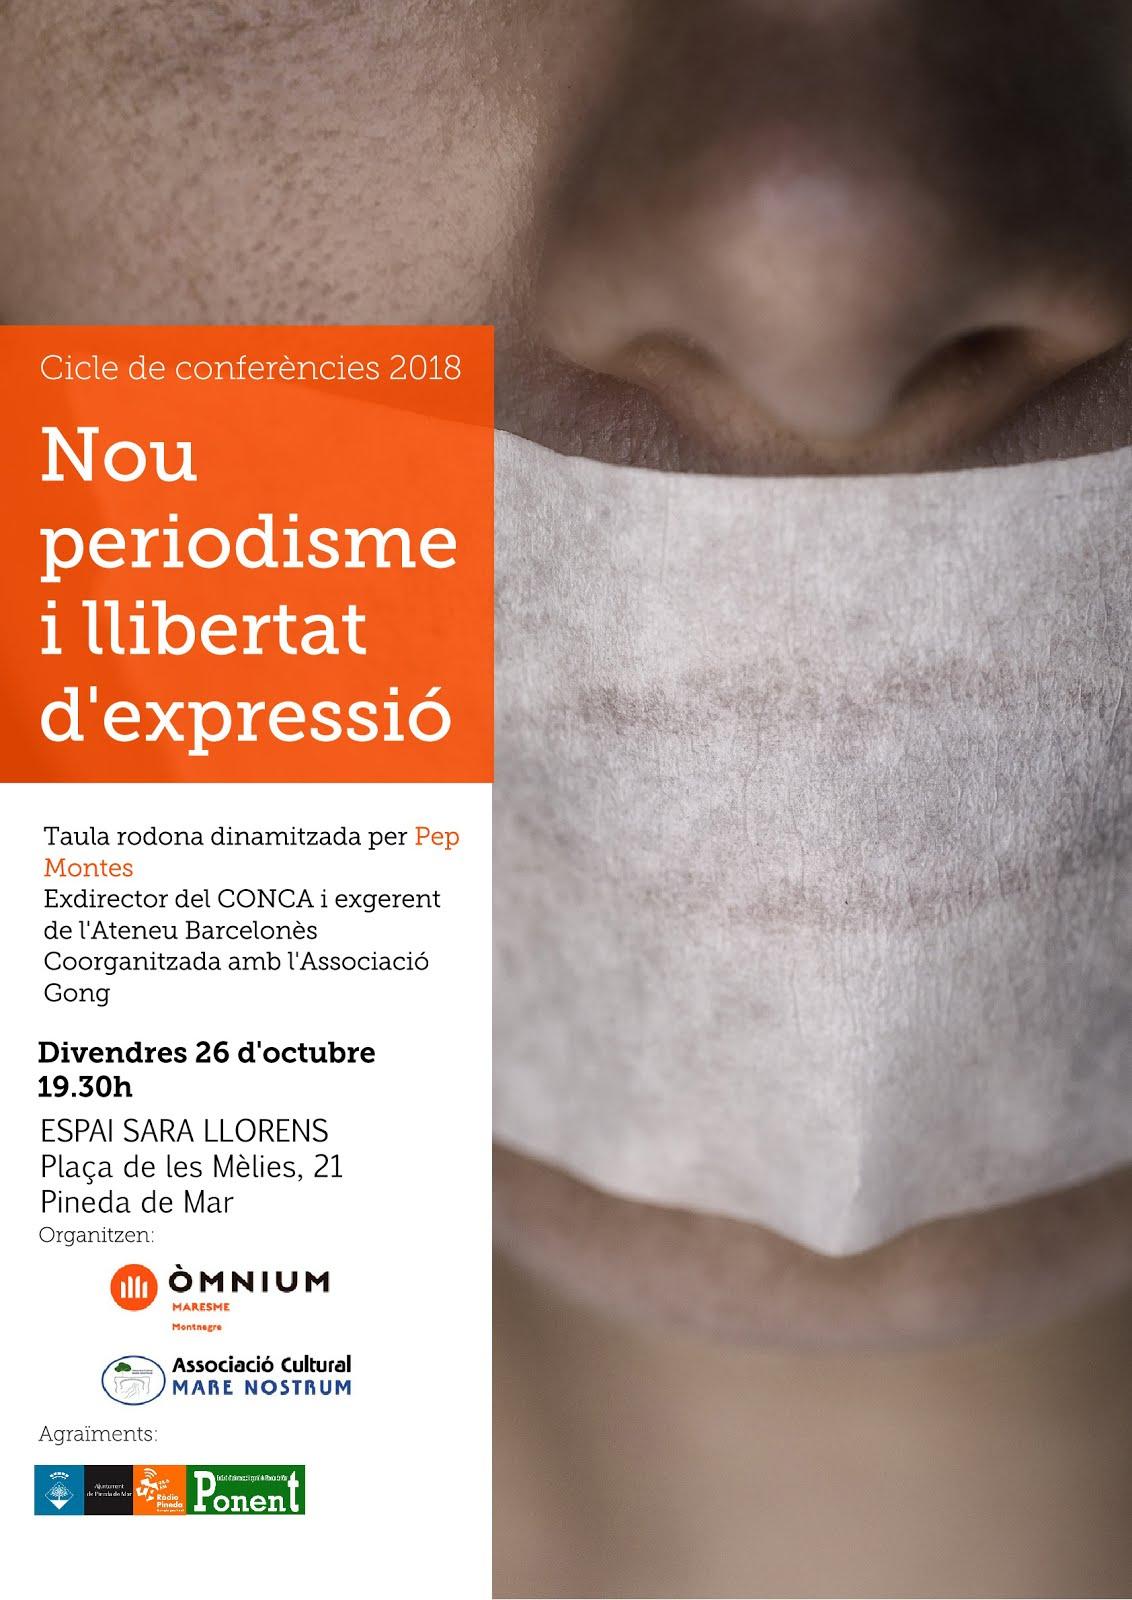 CONFERÈNCIA 26 D'OCTUBRE